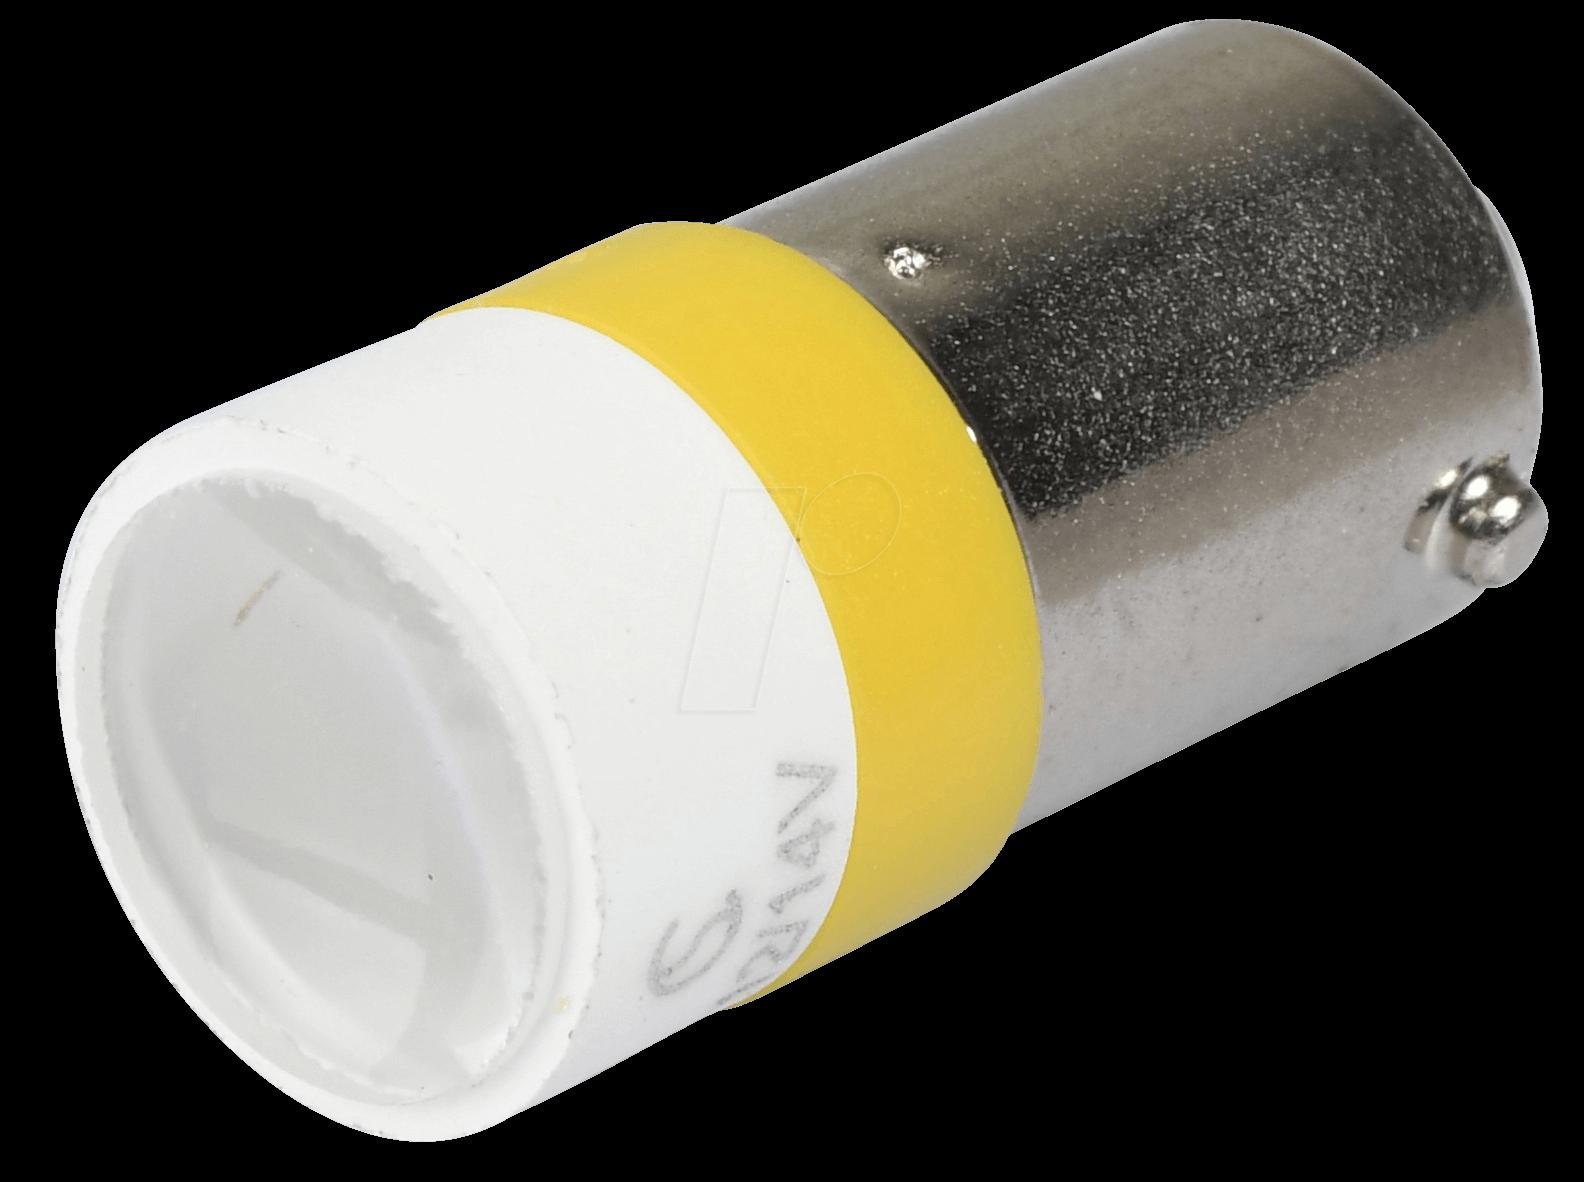 MELB 2212 - LED-Spot-Light, BA9s, gelb, 12 V, 3...